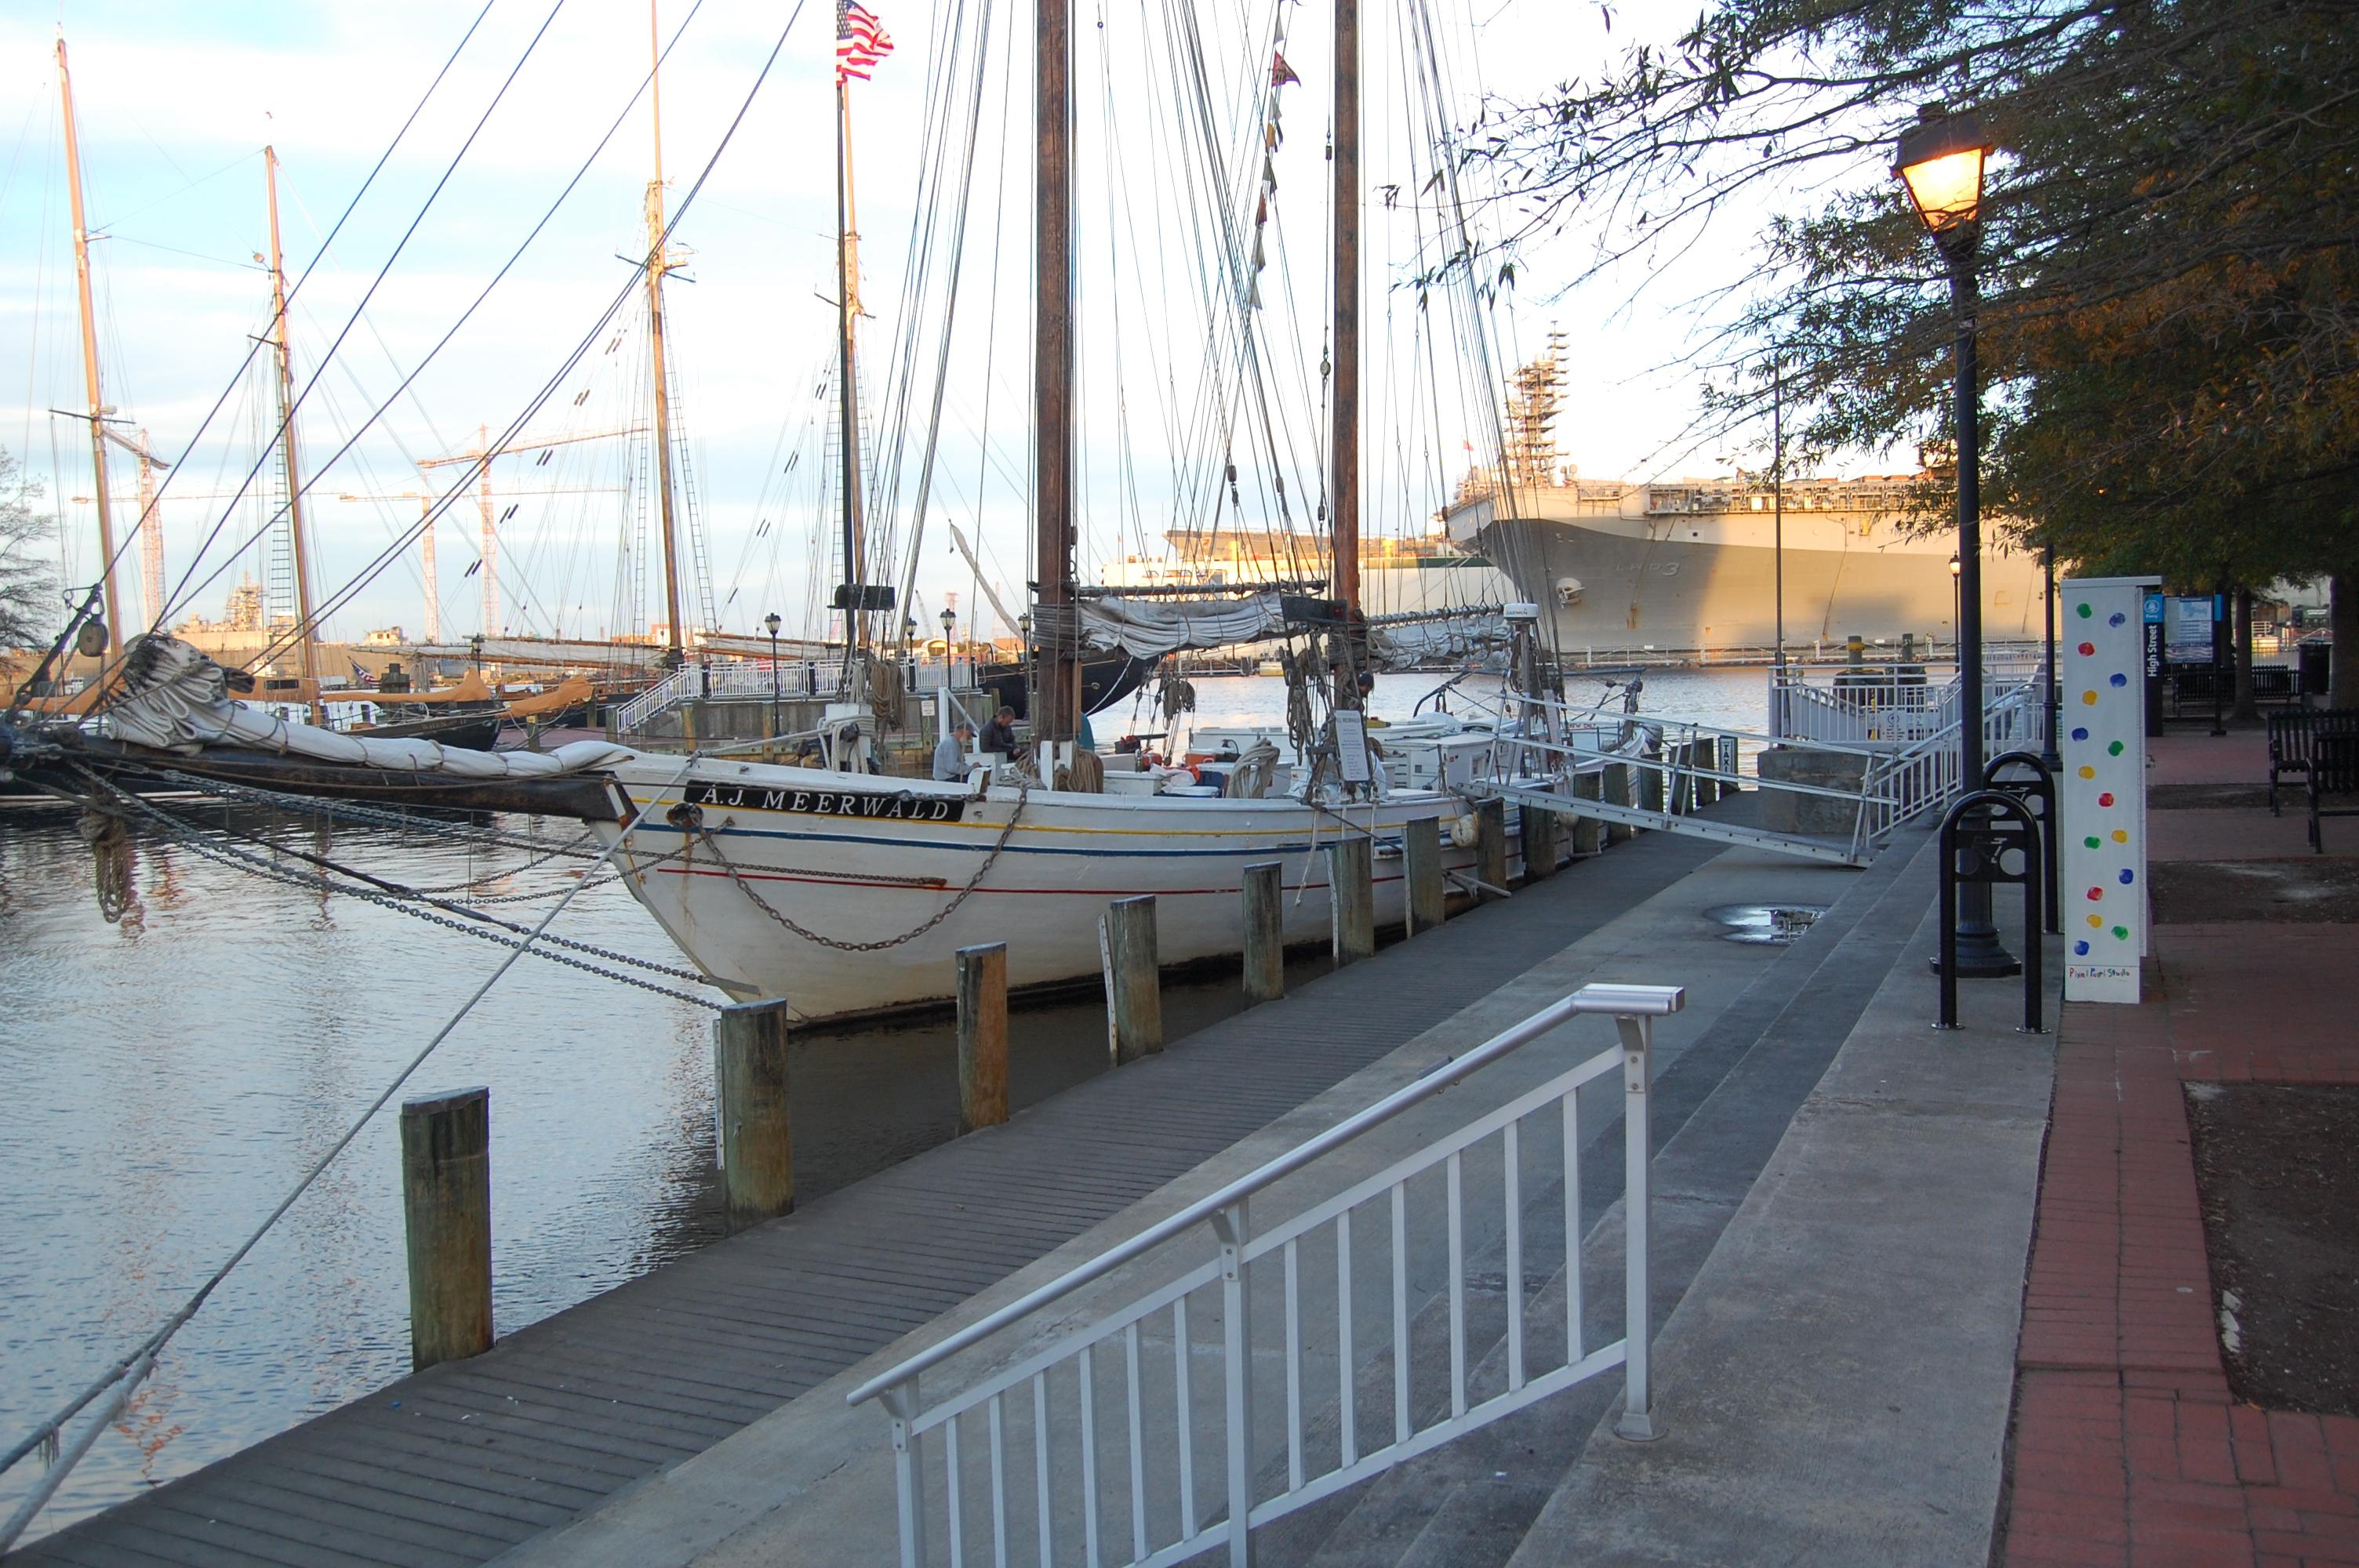 meerwald docked